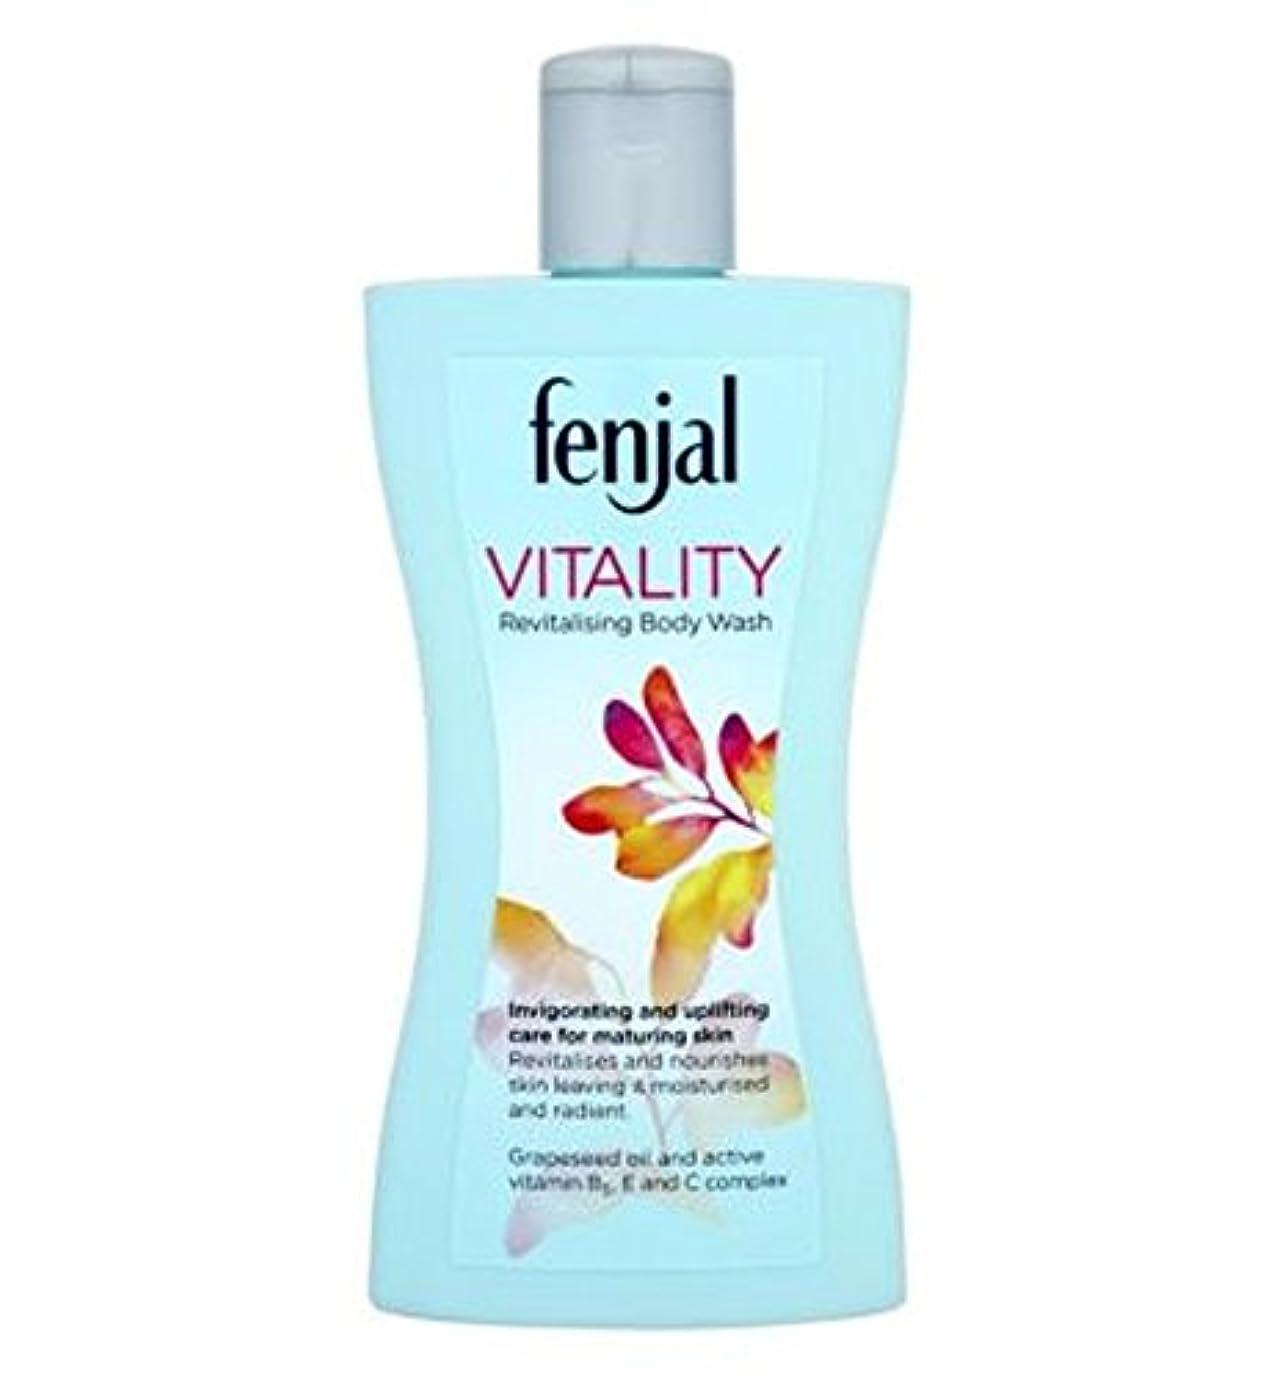 呼び起こすジャズ狐Fenjal Vitality revitalising Body Wash - Fenjal活力活性化ボディウォッシュ (Fenjal) [並行輸入品]